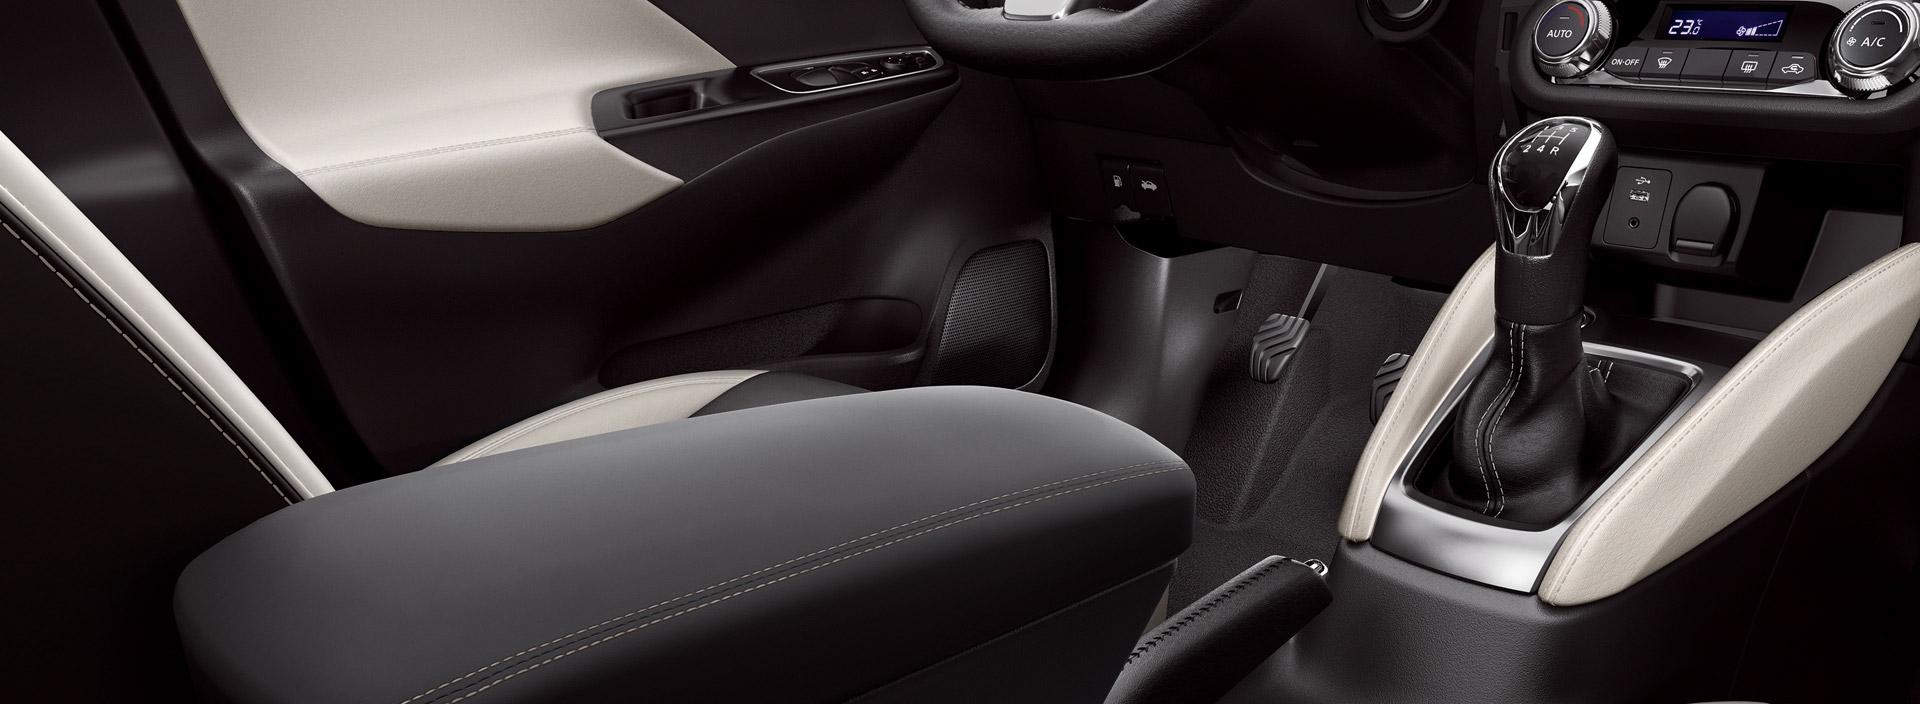 Armrest for Nissan Micra 2